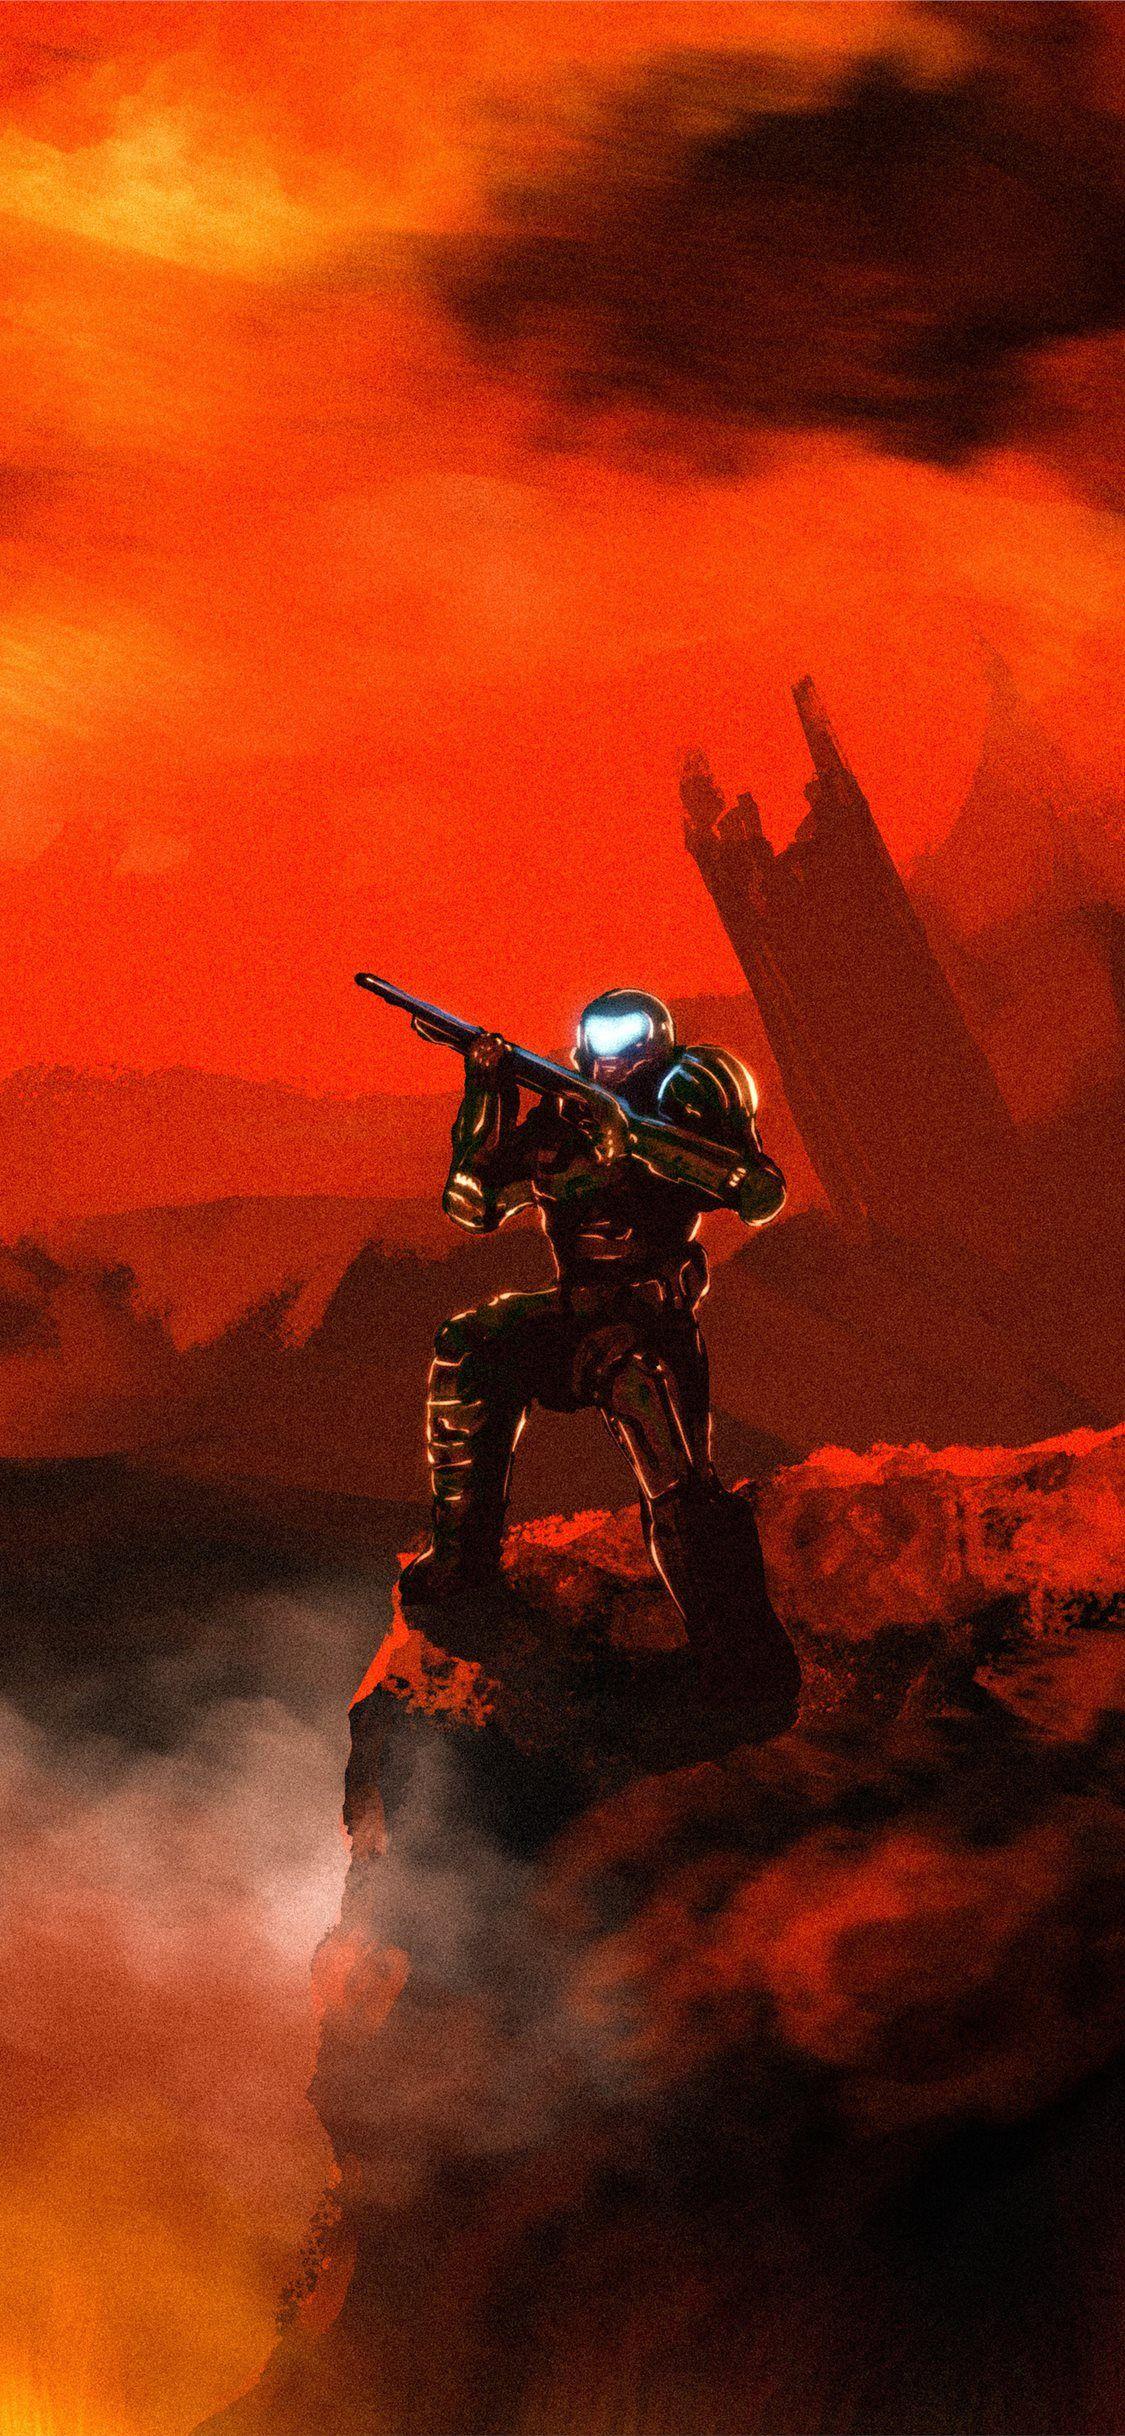 Doom Doom Slayer 4k Doometernal Doom Games 4k 2020games Iphone11wallpaper In 2020 Slayer Doom Wallpaper